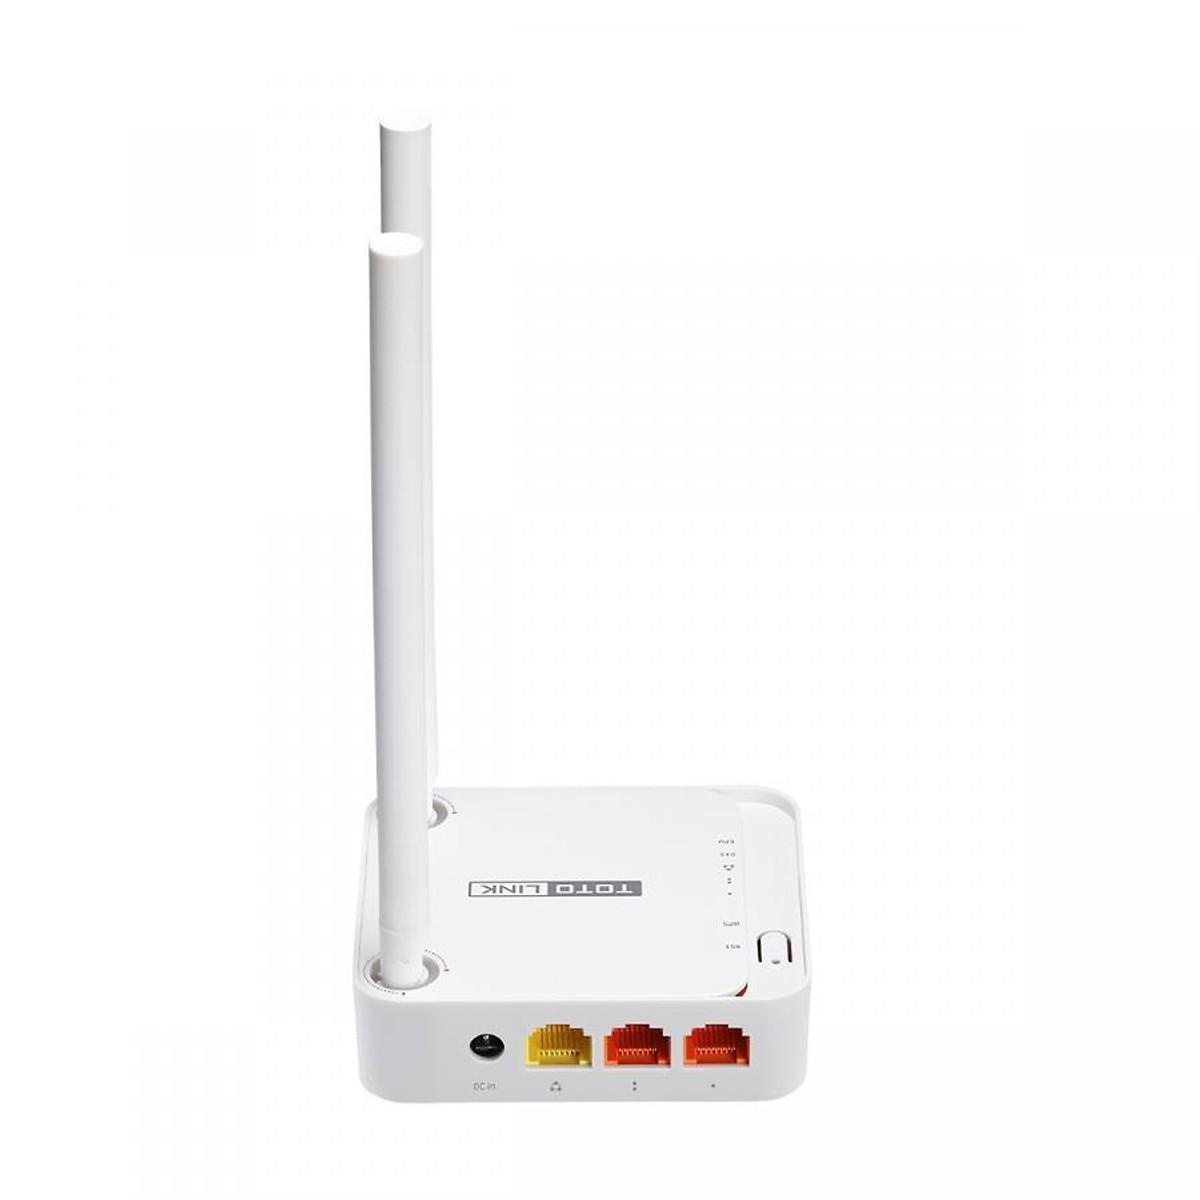 Thiết bị định tuyến mạng không dây TOTOLINK N200RE-V3- Hàng Chính Hãng